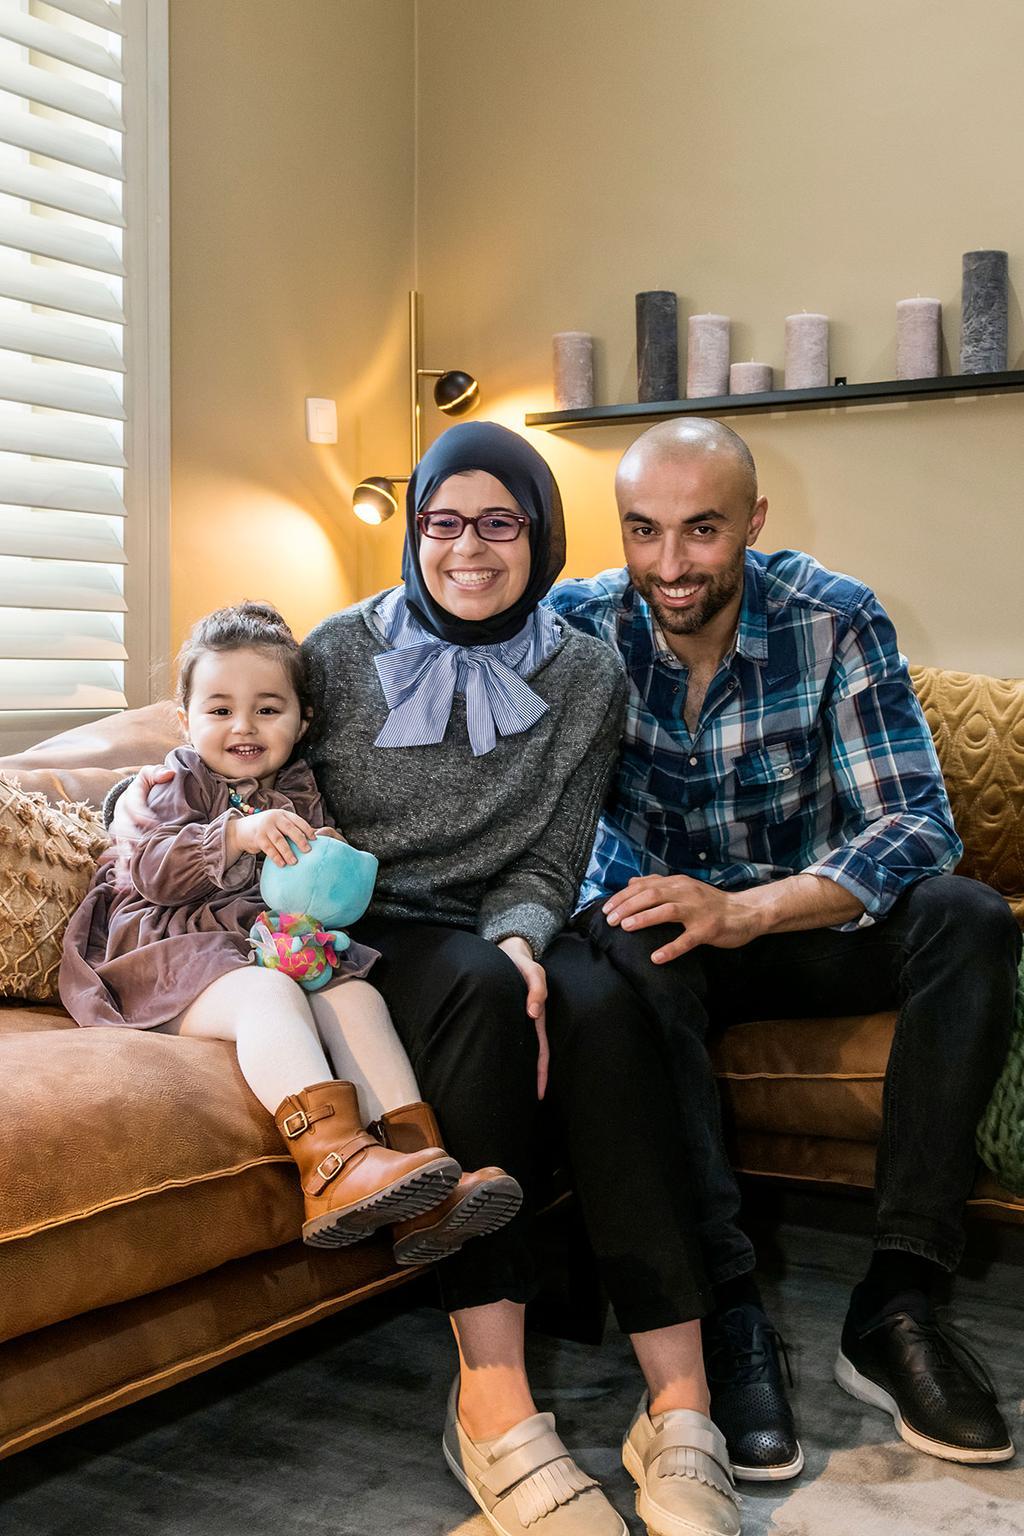 Moussa en Naima uit aflevering 6 van Een frisse start met vtwonen | Foto Jonah Samyn